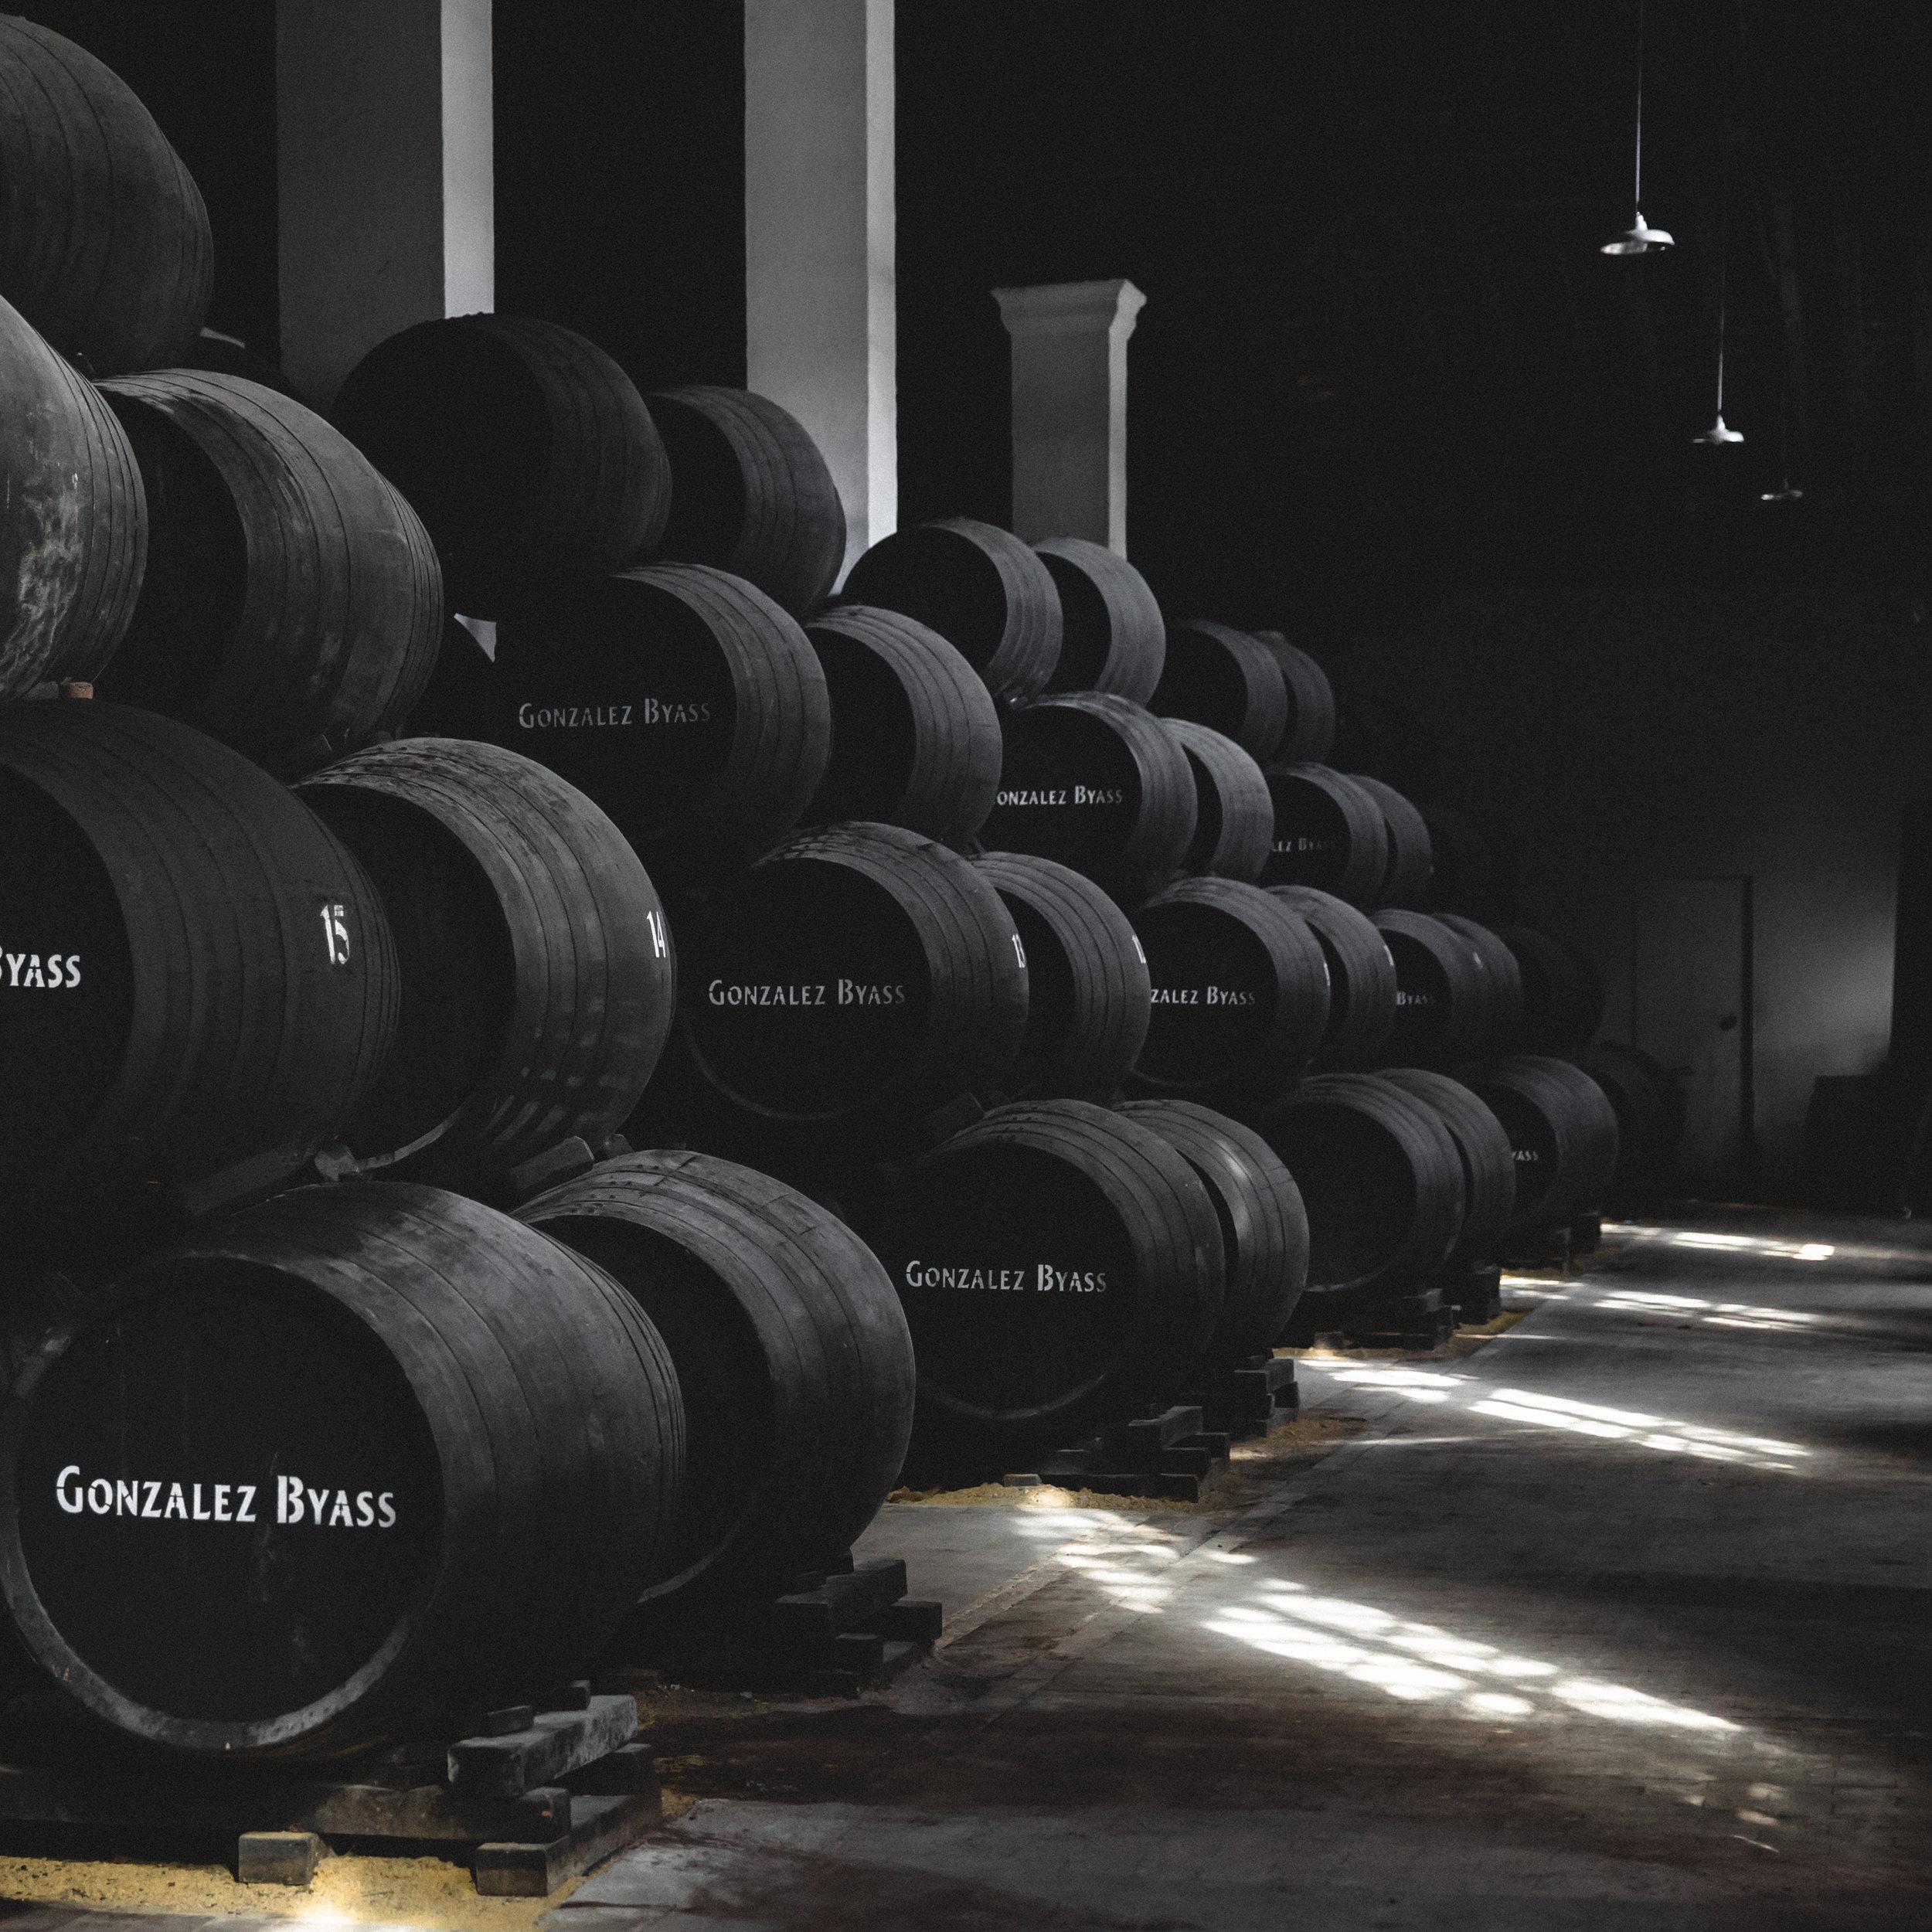 gonzalez byass cellar-3538.jpg